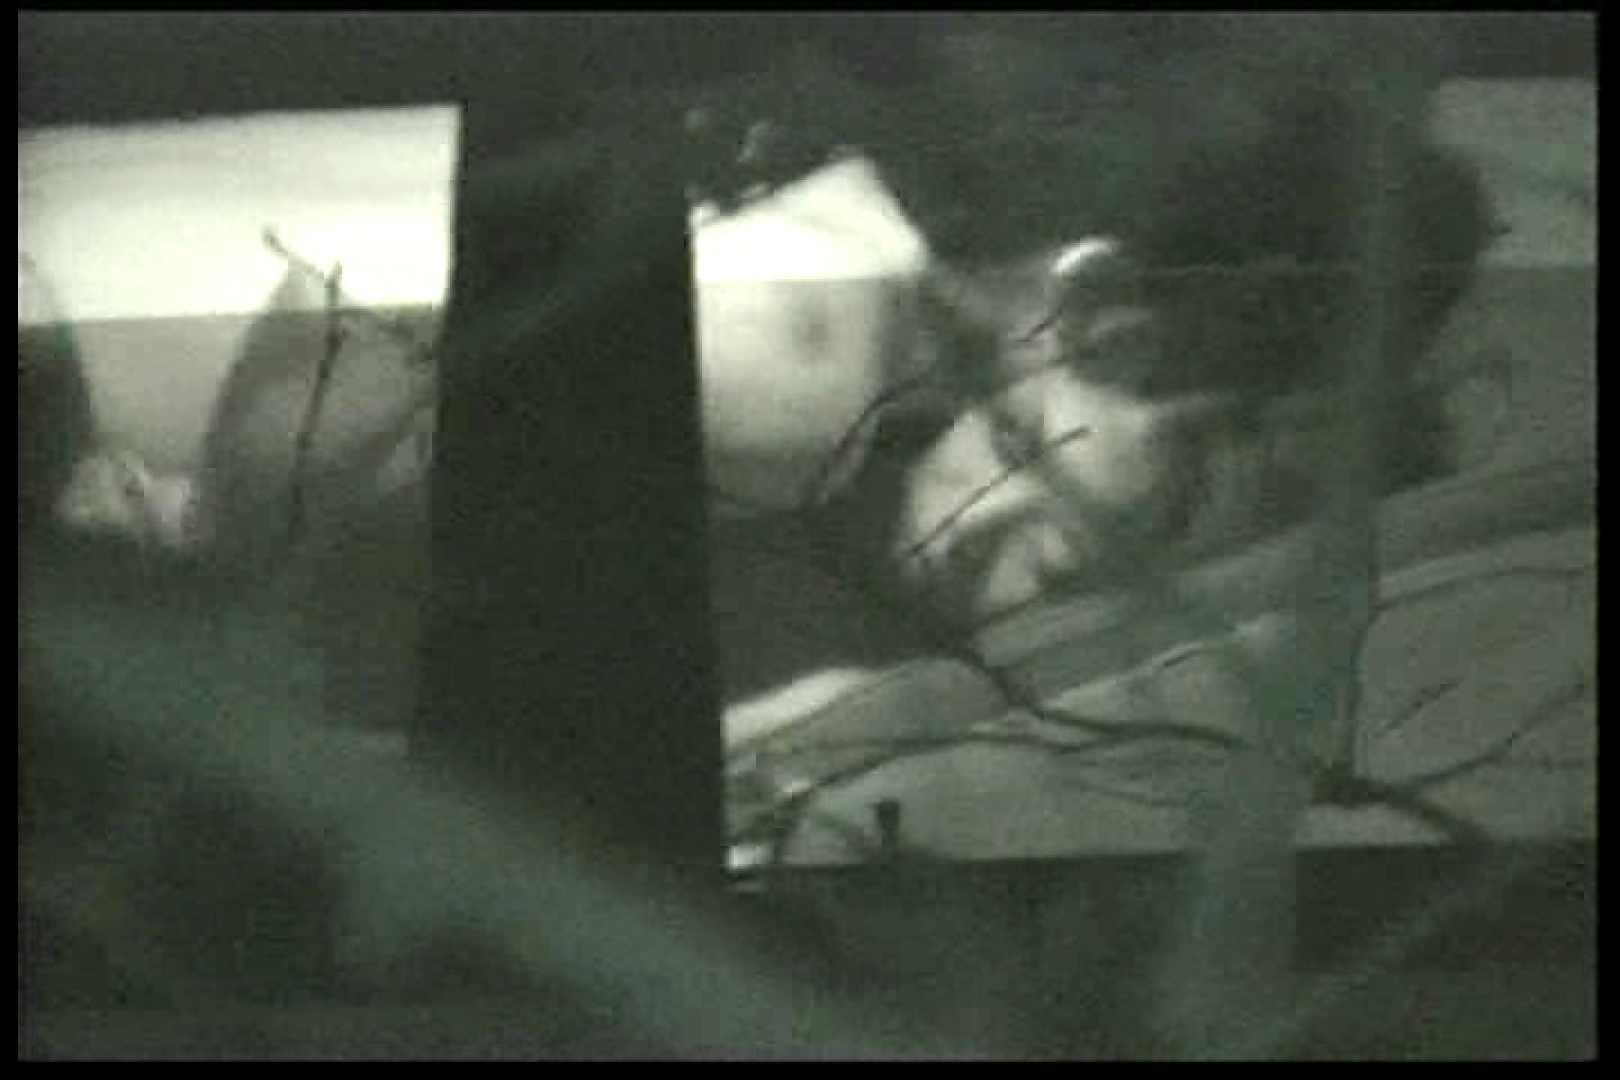 車の中はラブホテル 無修正版  Vol.15 ラブホテル 盗撮ヌード画像 89pic 34